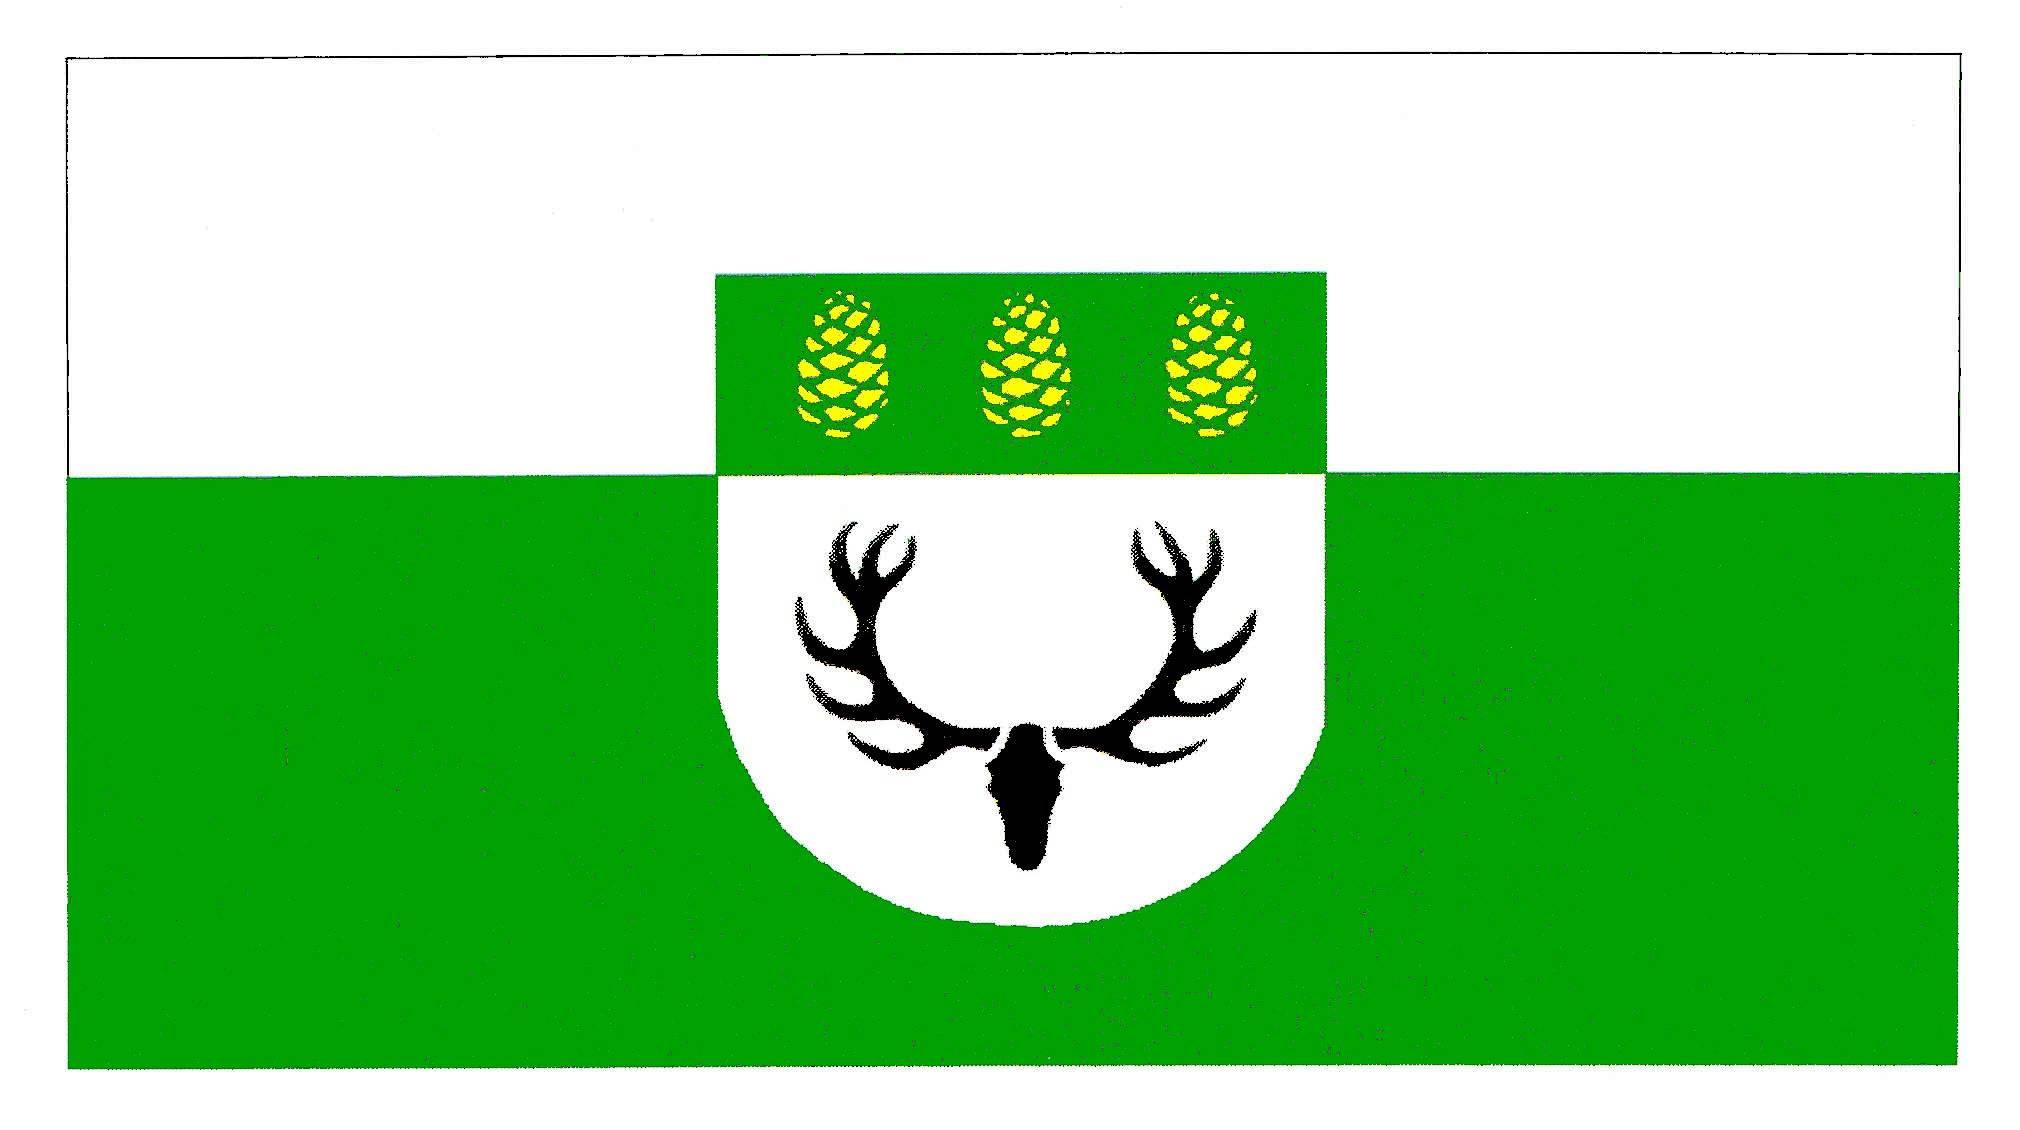 Flagge GemeindeHartenholm, Kreis Segeberg